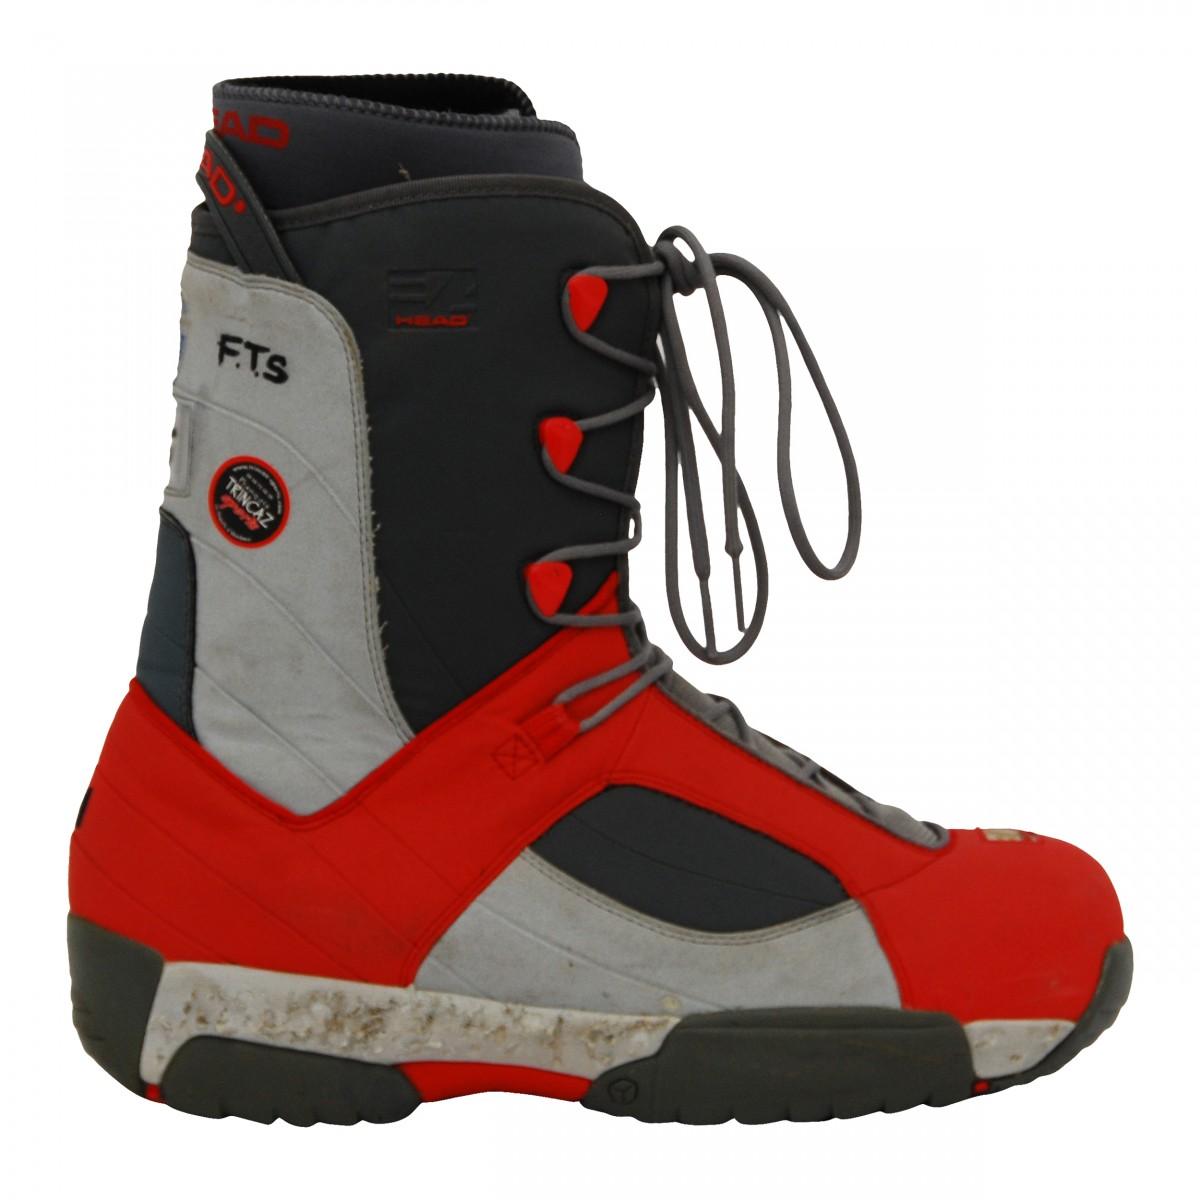 Détails sur Boots de snowboard occasion Head EA grisrouge